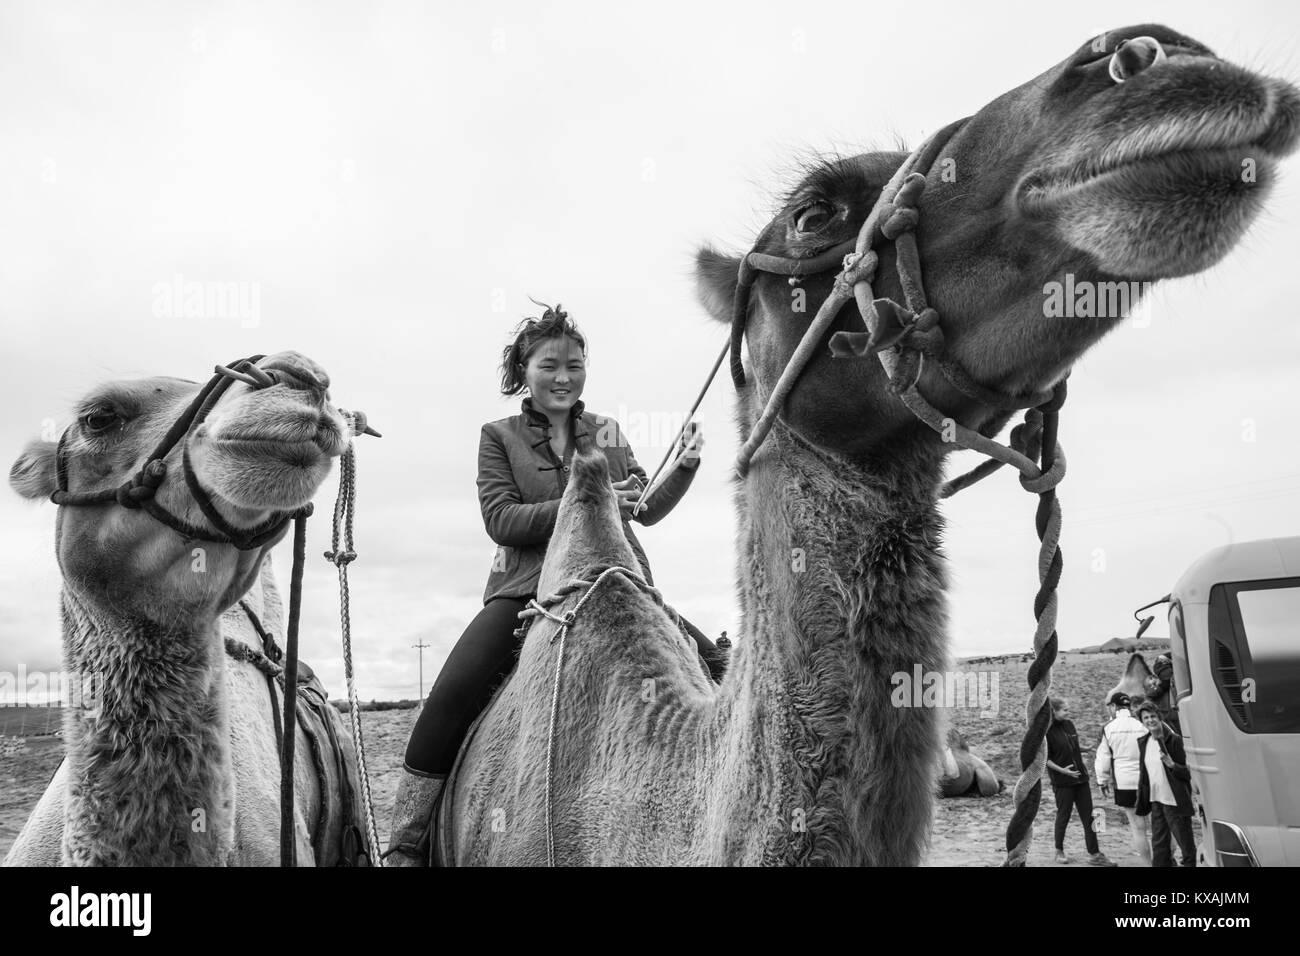 Mongolian woman riding camel, Kharakhorin, Mongolia - Stock Image